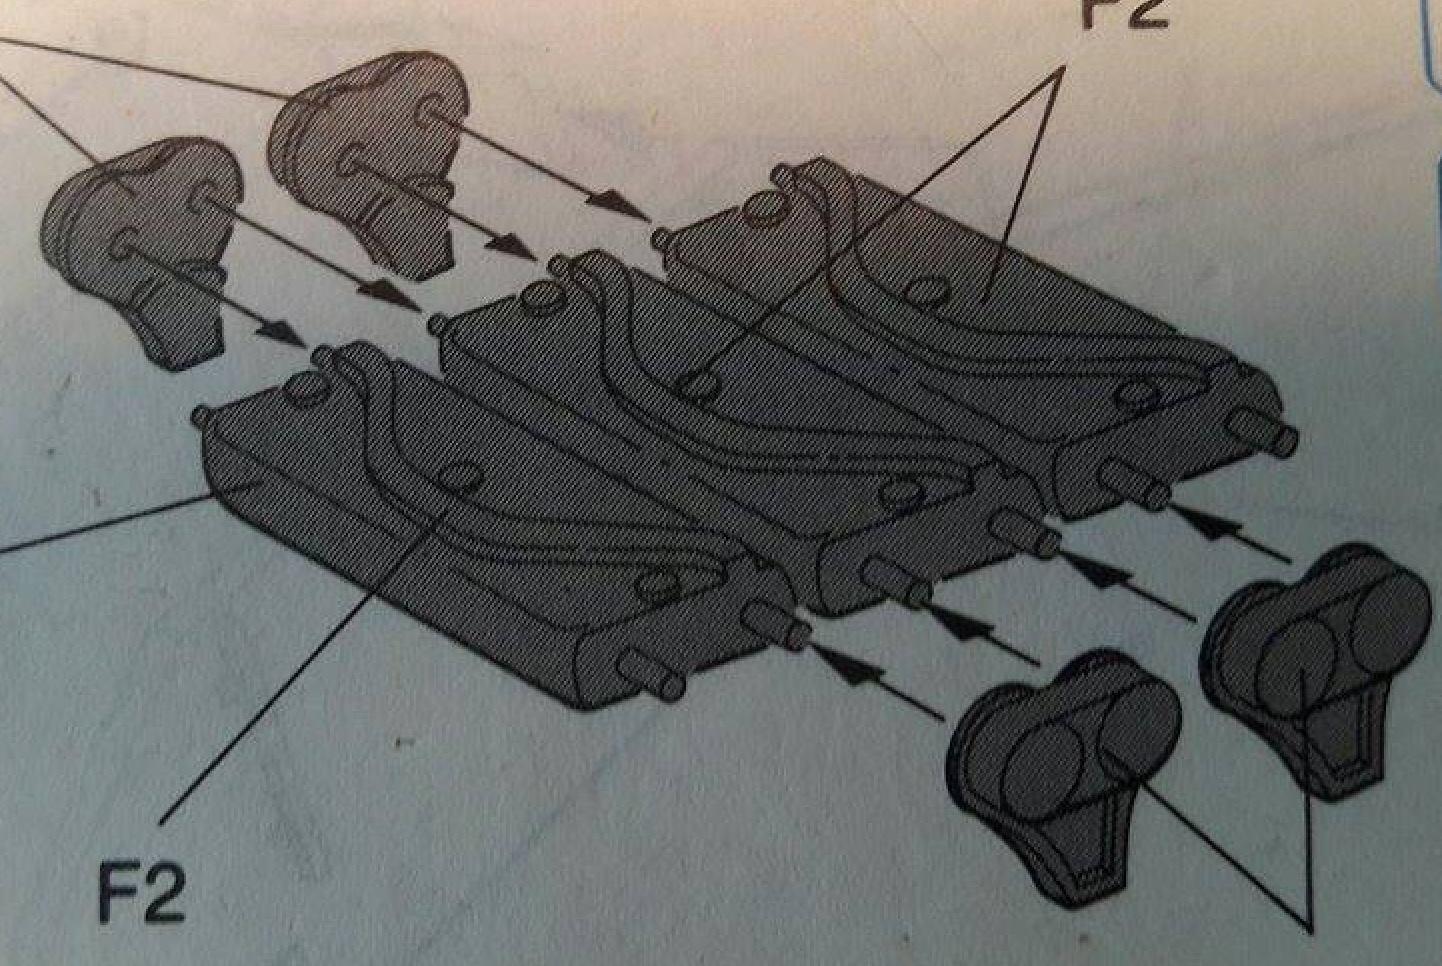 Sherman Vc Firefly - 1/35ème - kit Dragon #6031 Sherman Vc 'Firefly' - Page 2 147340Fireflytracks